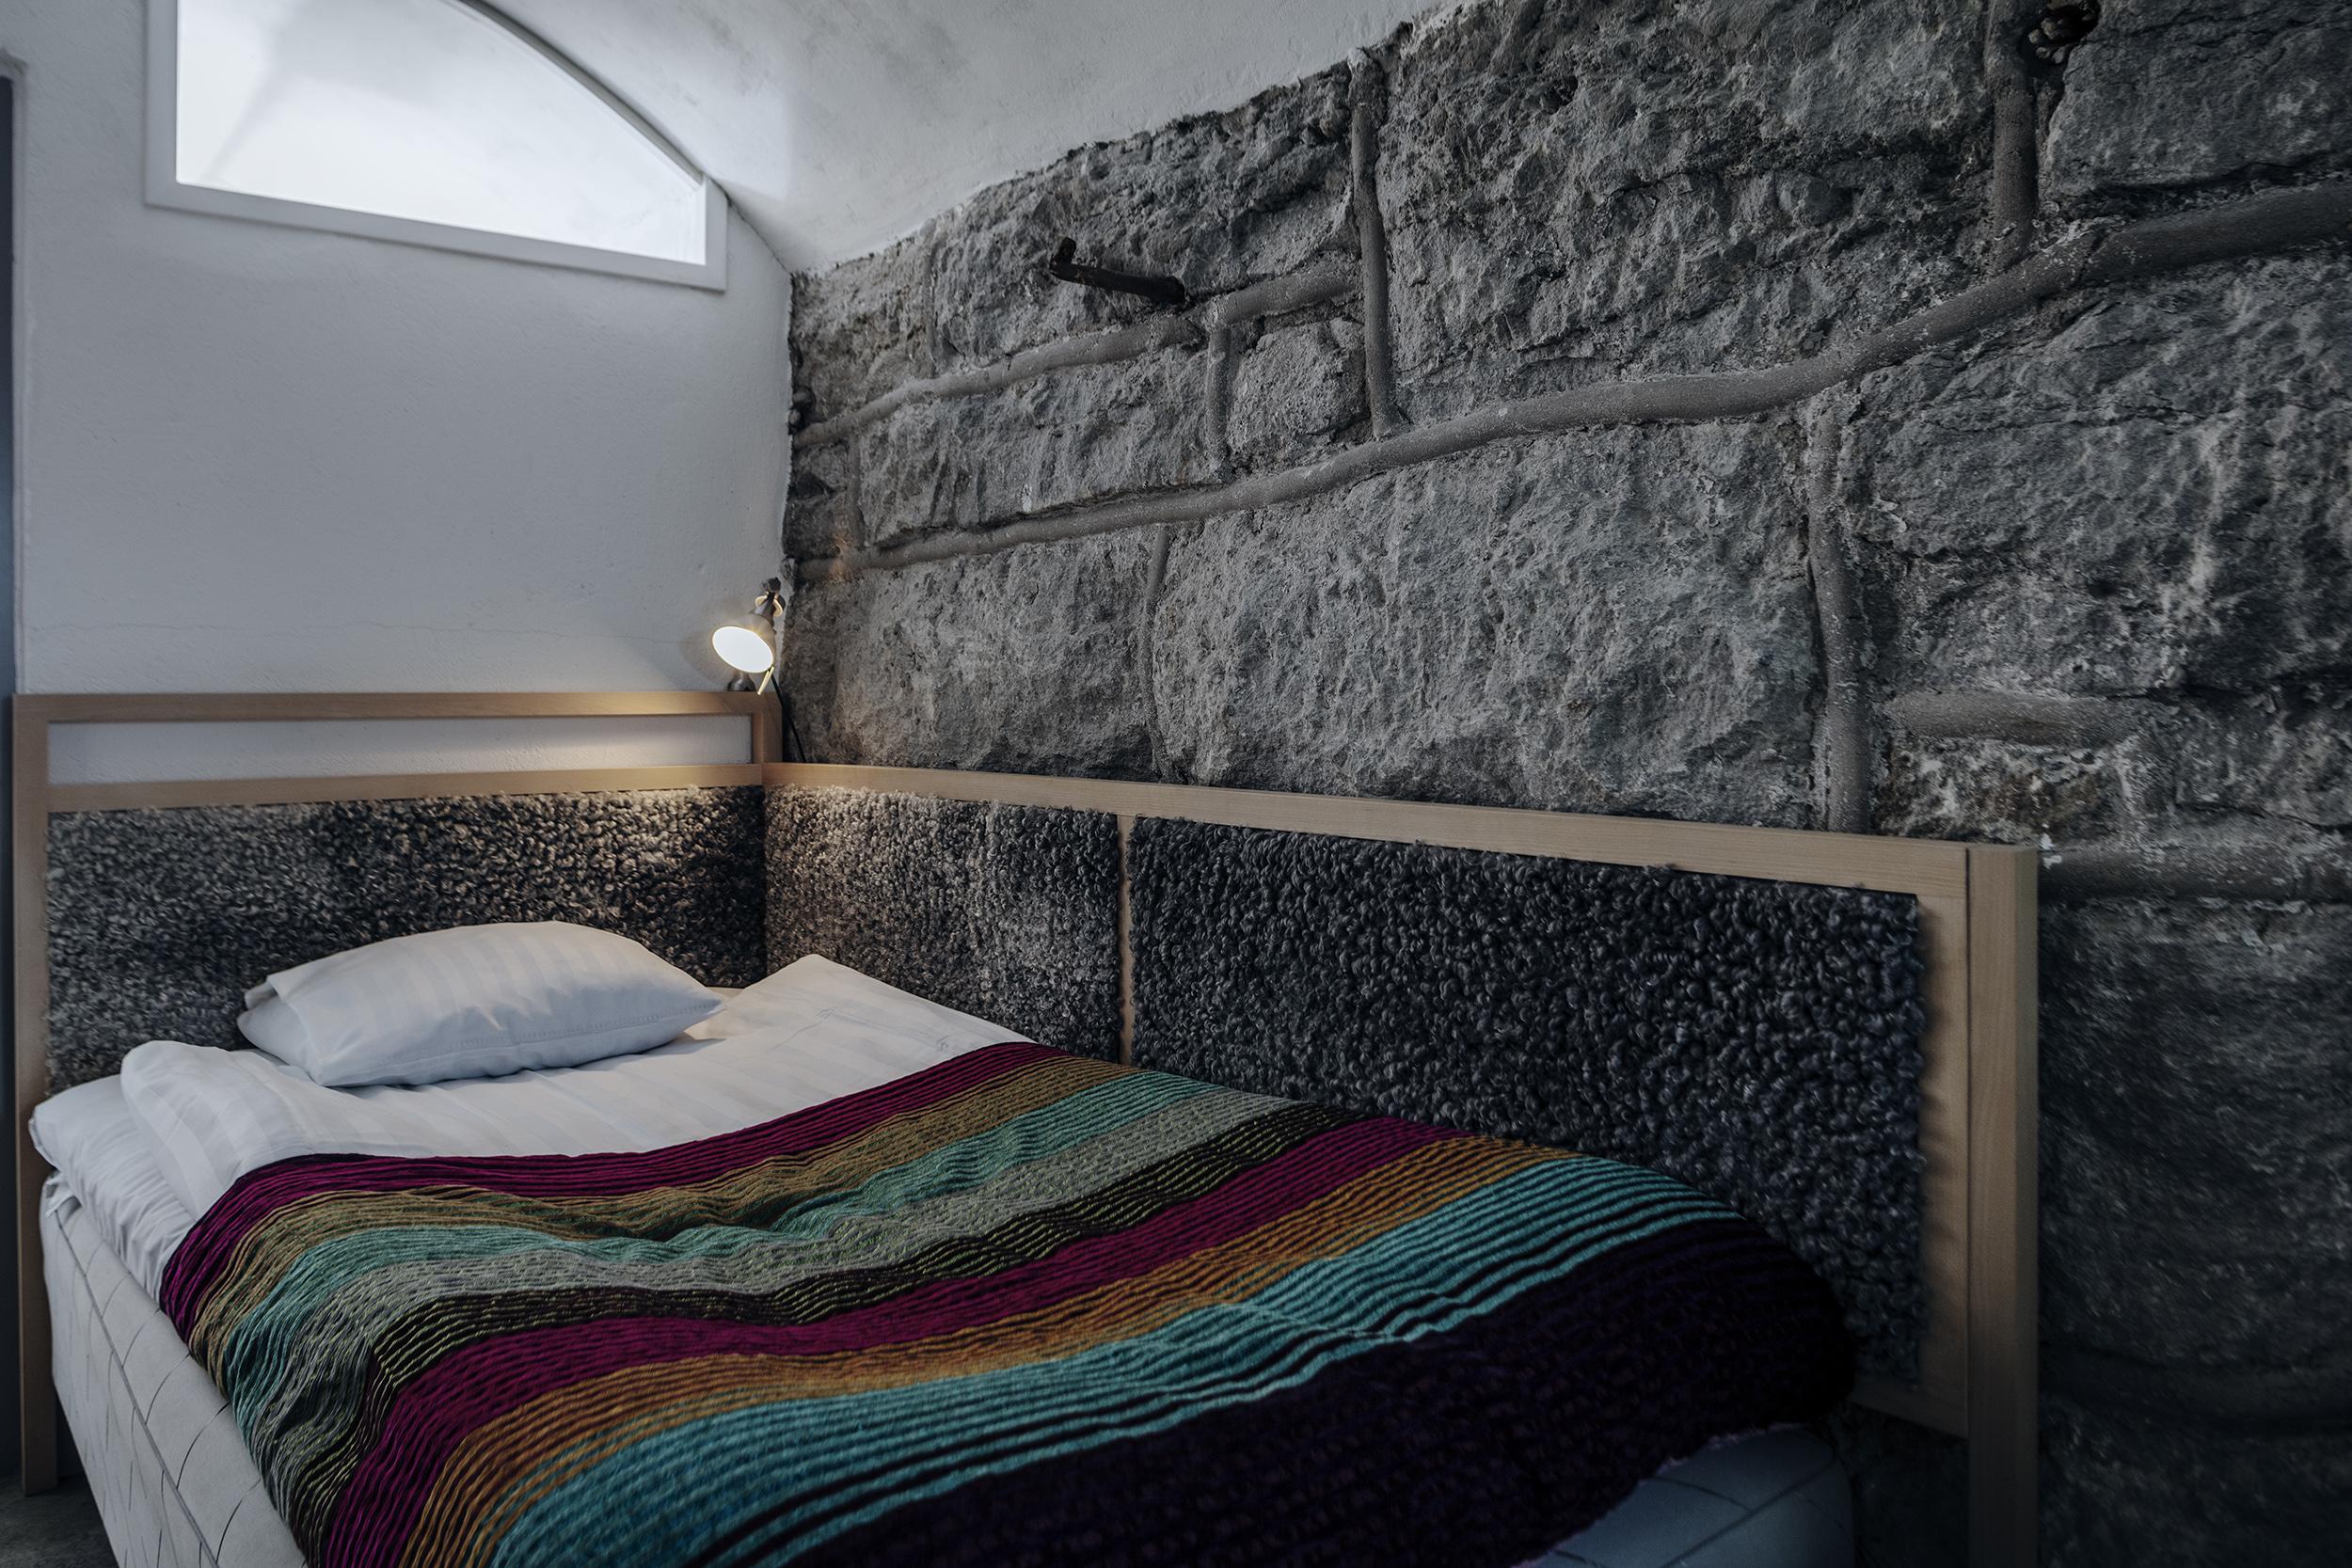 Enkelrum valv - Våra enkelrum med valv är 17 kvm som rymmer en gäst med handgjorda möbler från gotländska G.A.D och produkter från Idyllien.